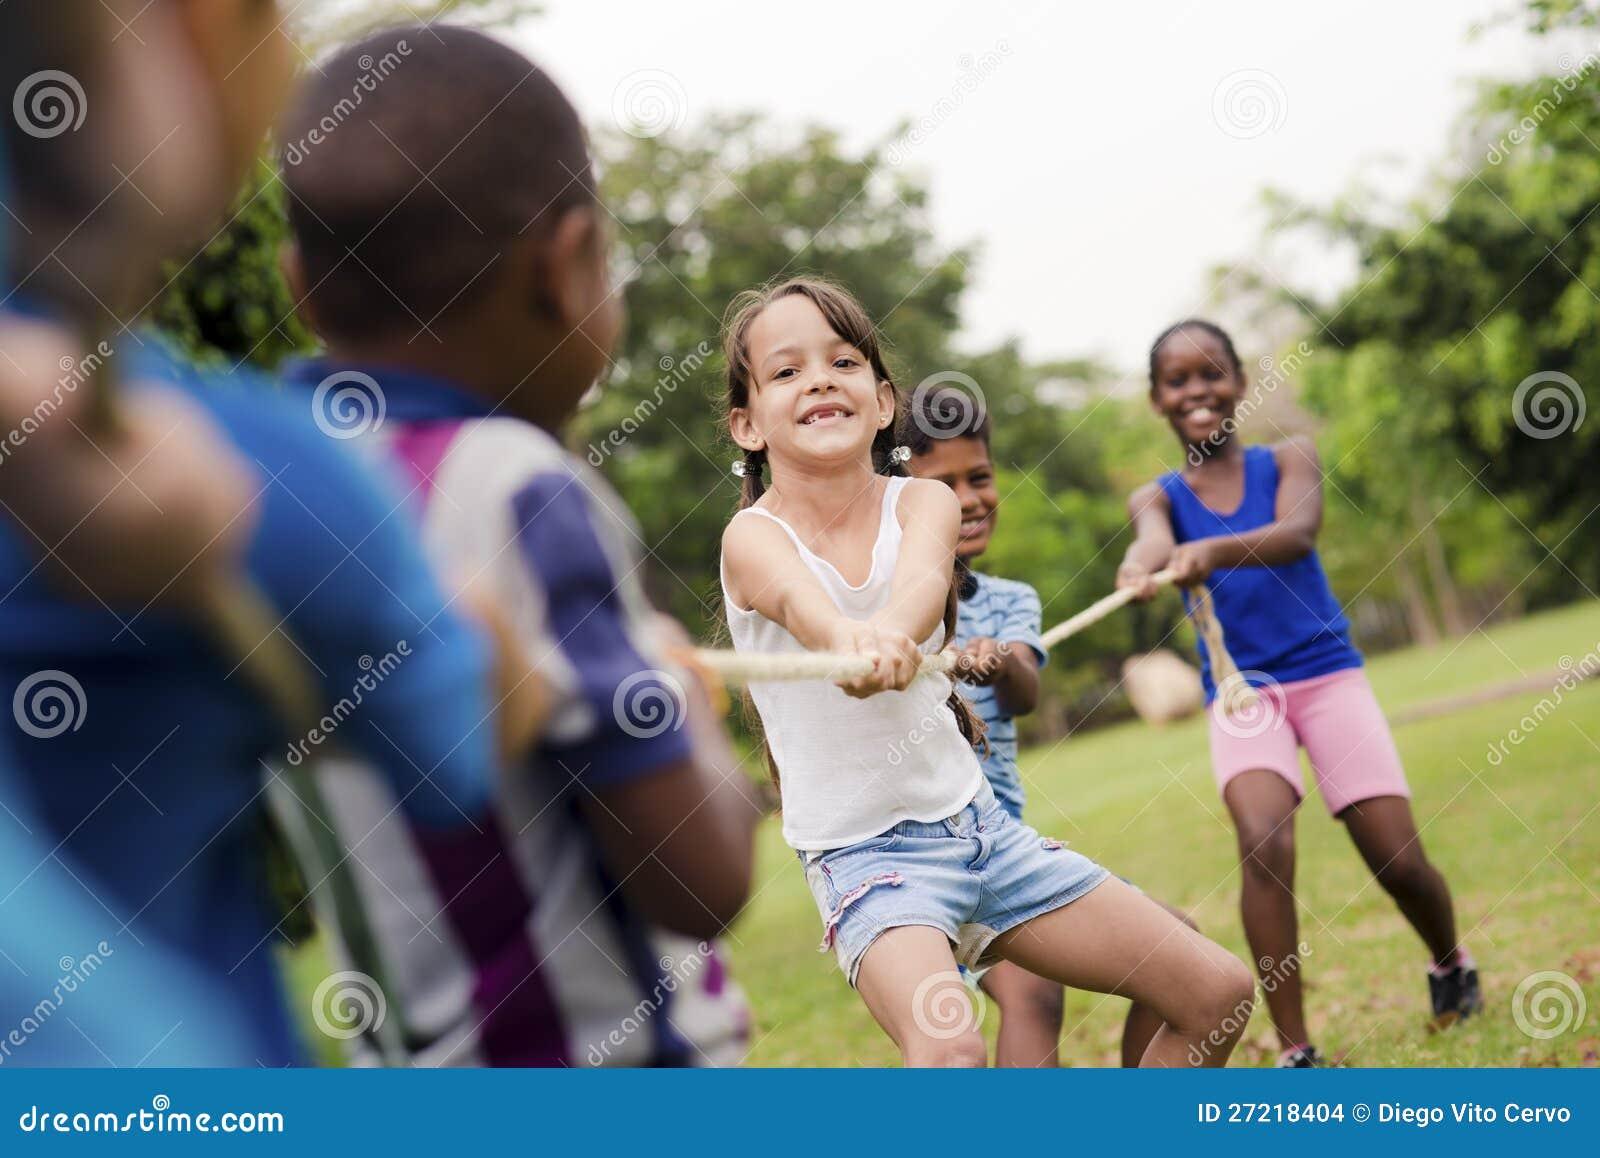 Schulkinder, die Tauziehen mit Seil spielen